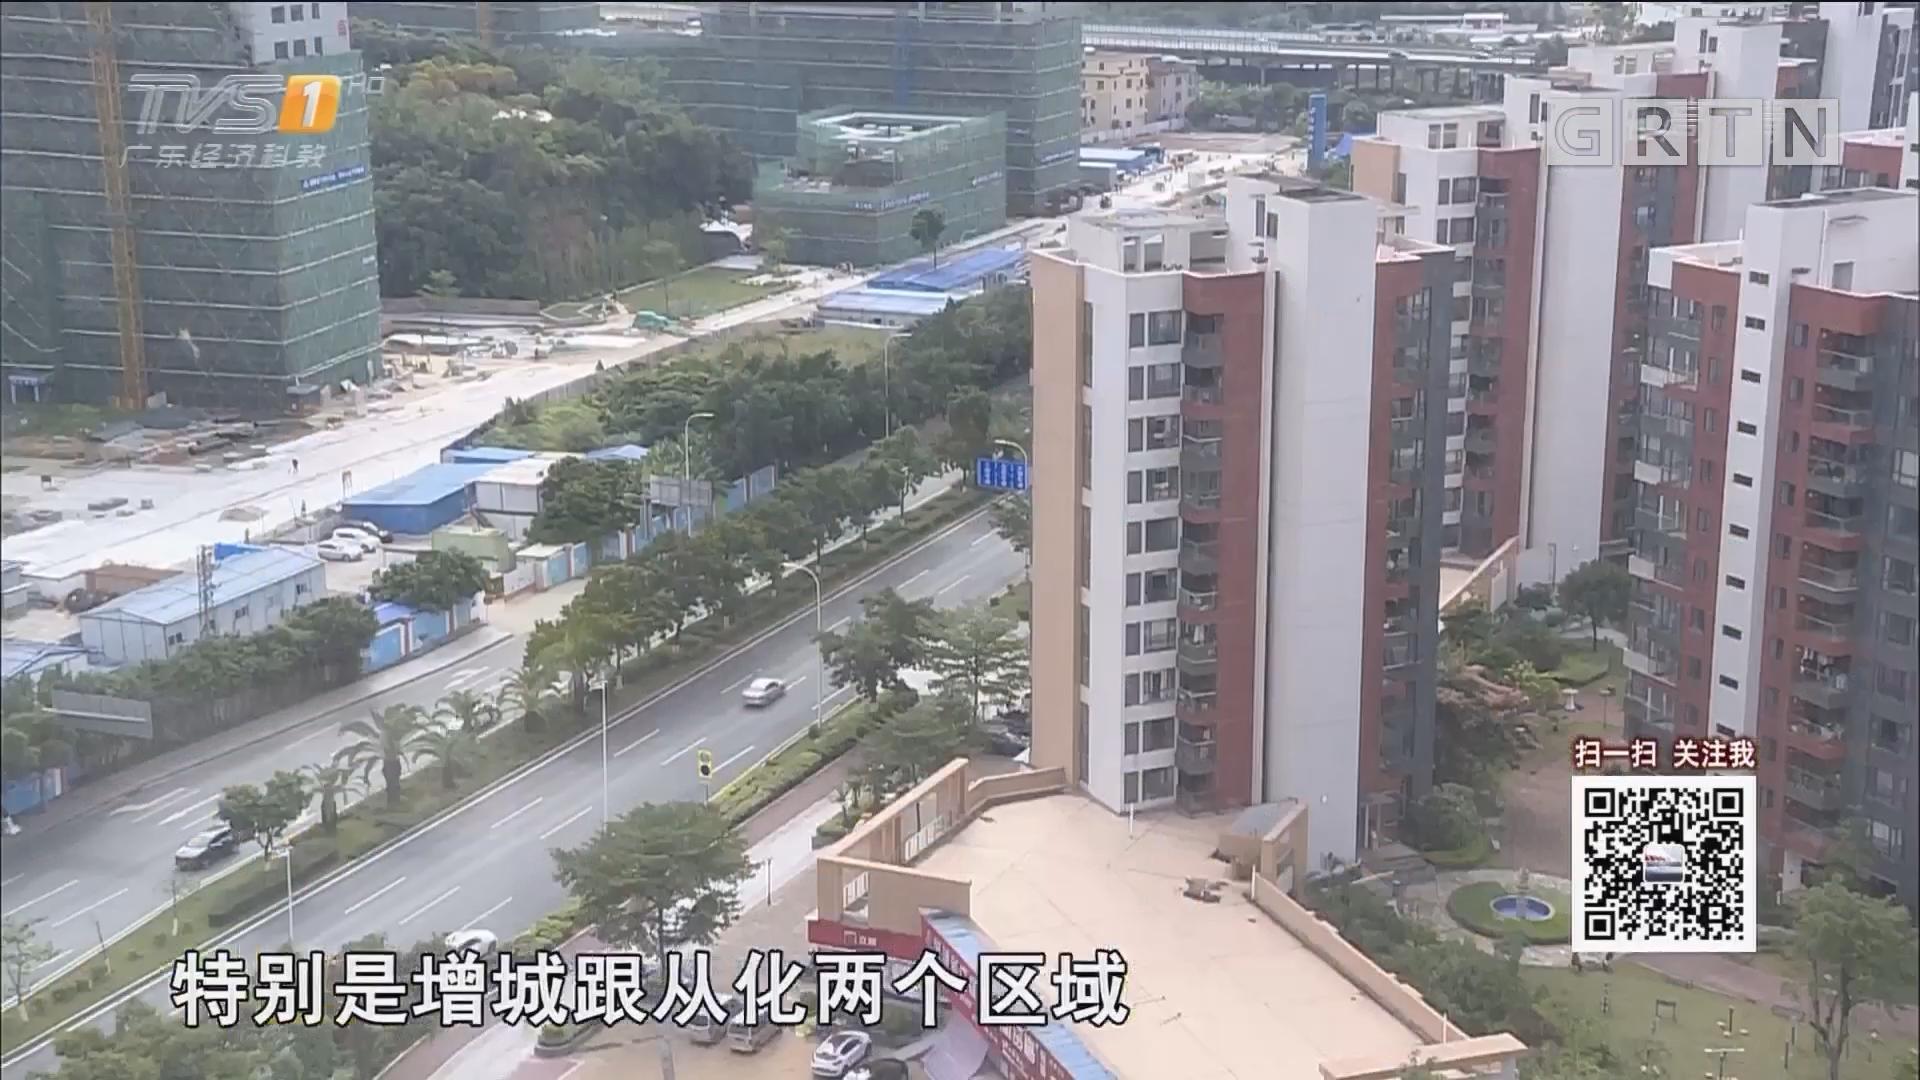 广州四月各区房价出炉!看看是涨还是跌